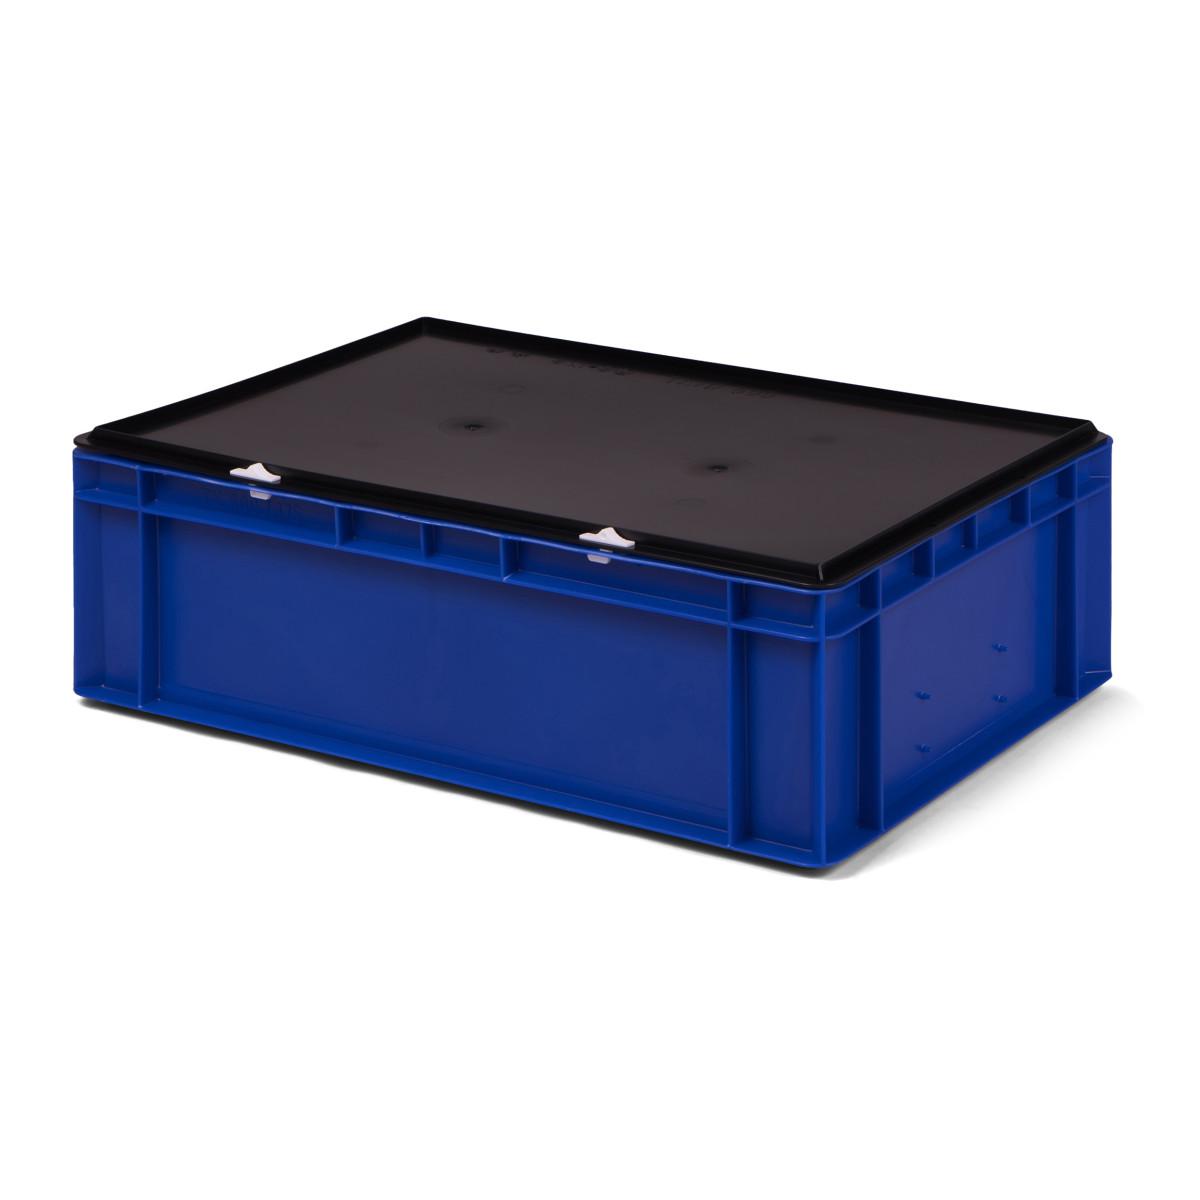 transport stapelbox k tk 600 175 0 mit schwarzem. Black Bedroom Furniture Sets. Home Design Ideas